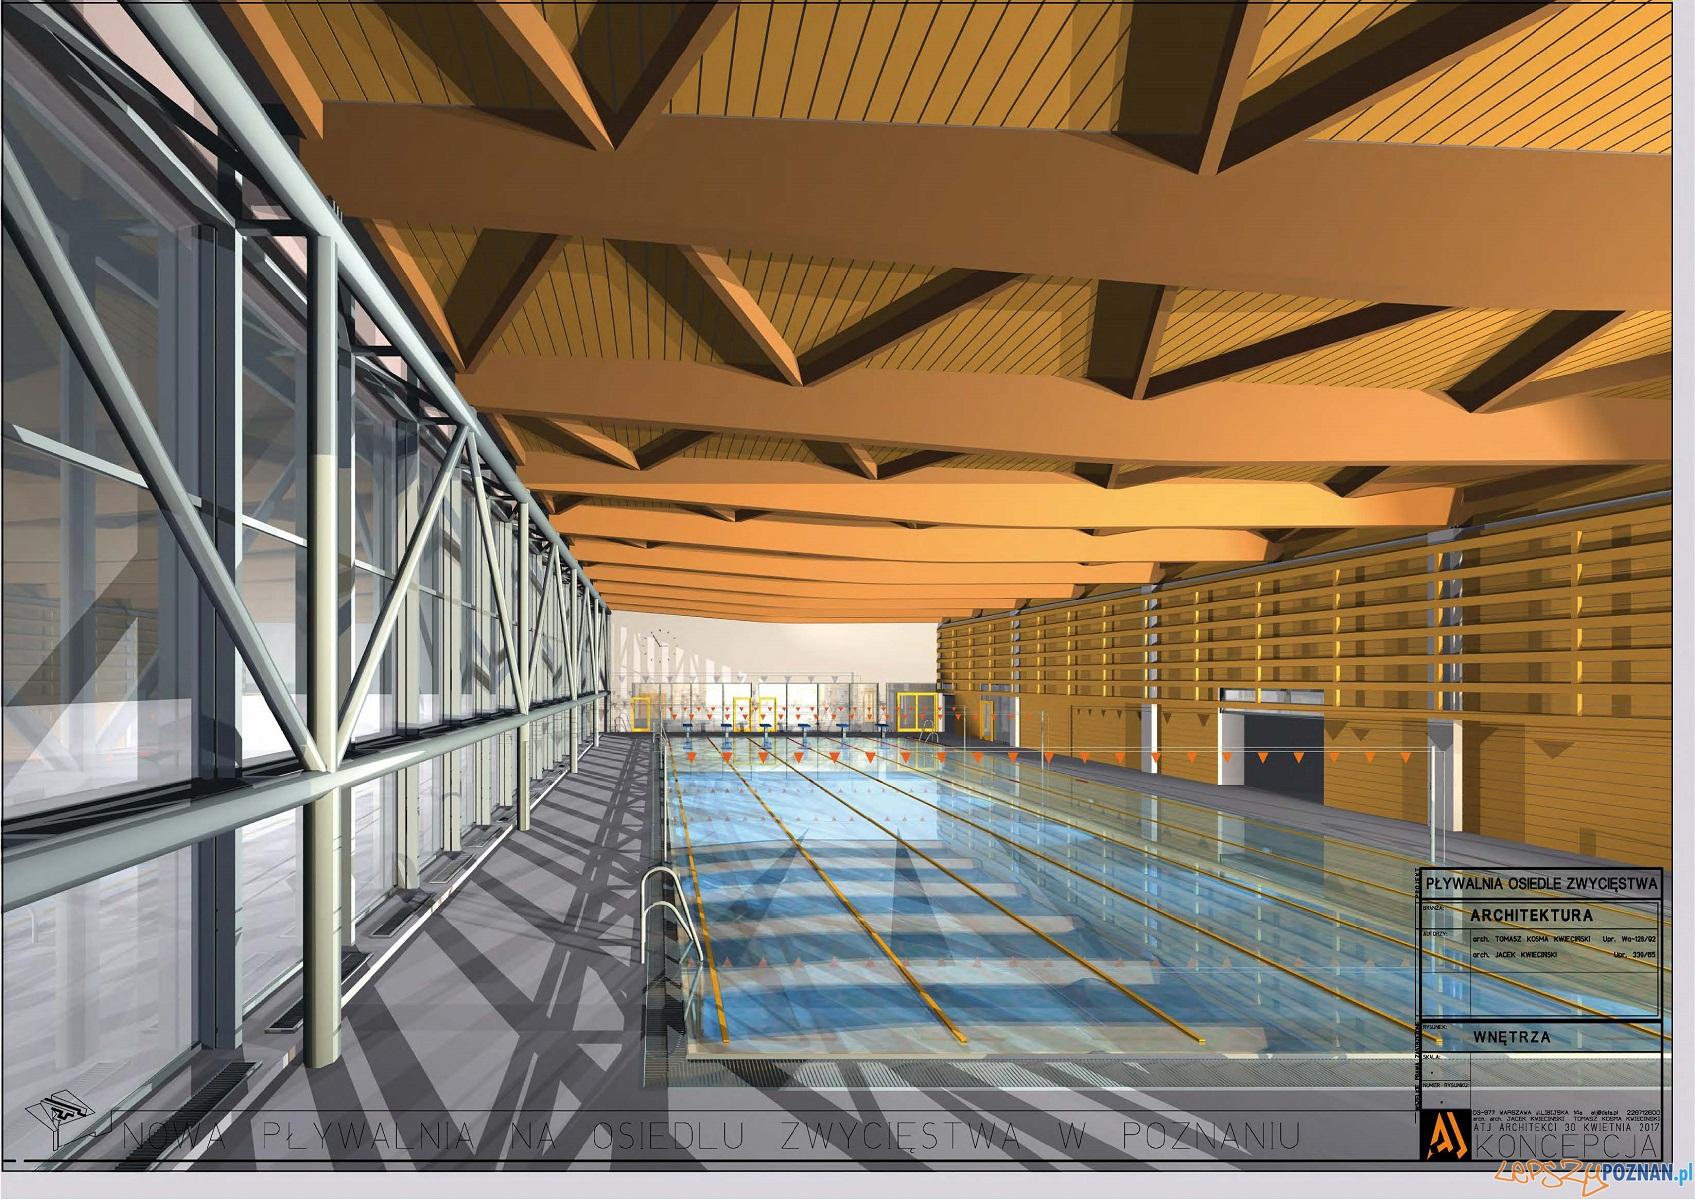 Nowa pływalnia na osiedlu Zwycięstwa - wizualizacja  Foto: materiały prasowe